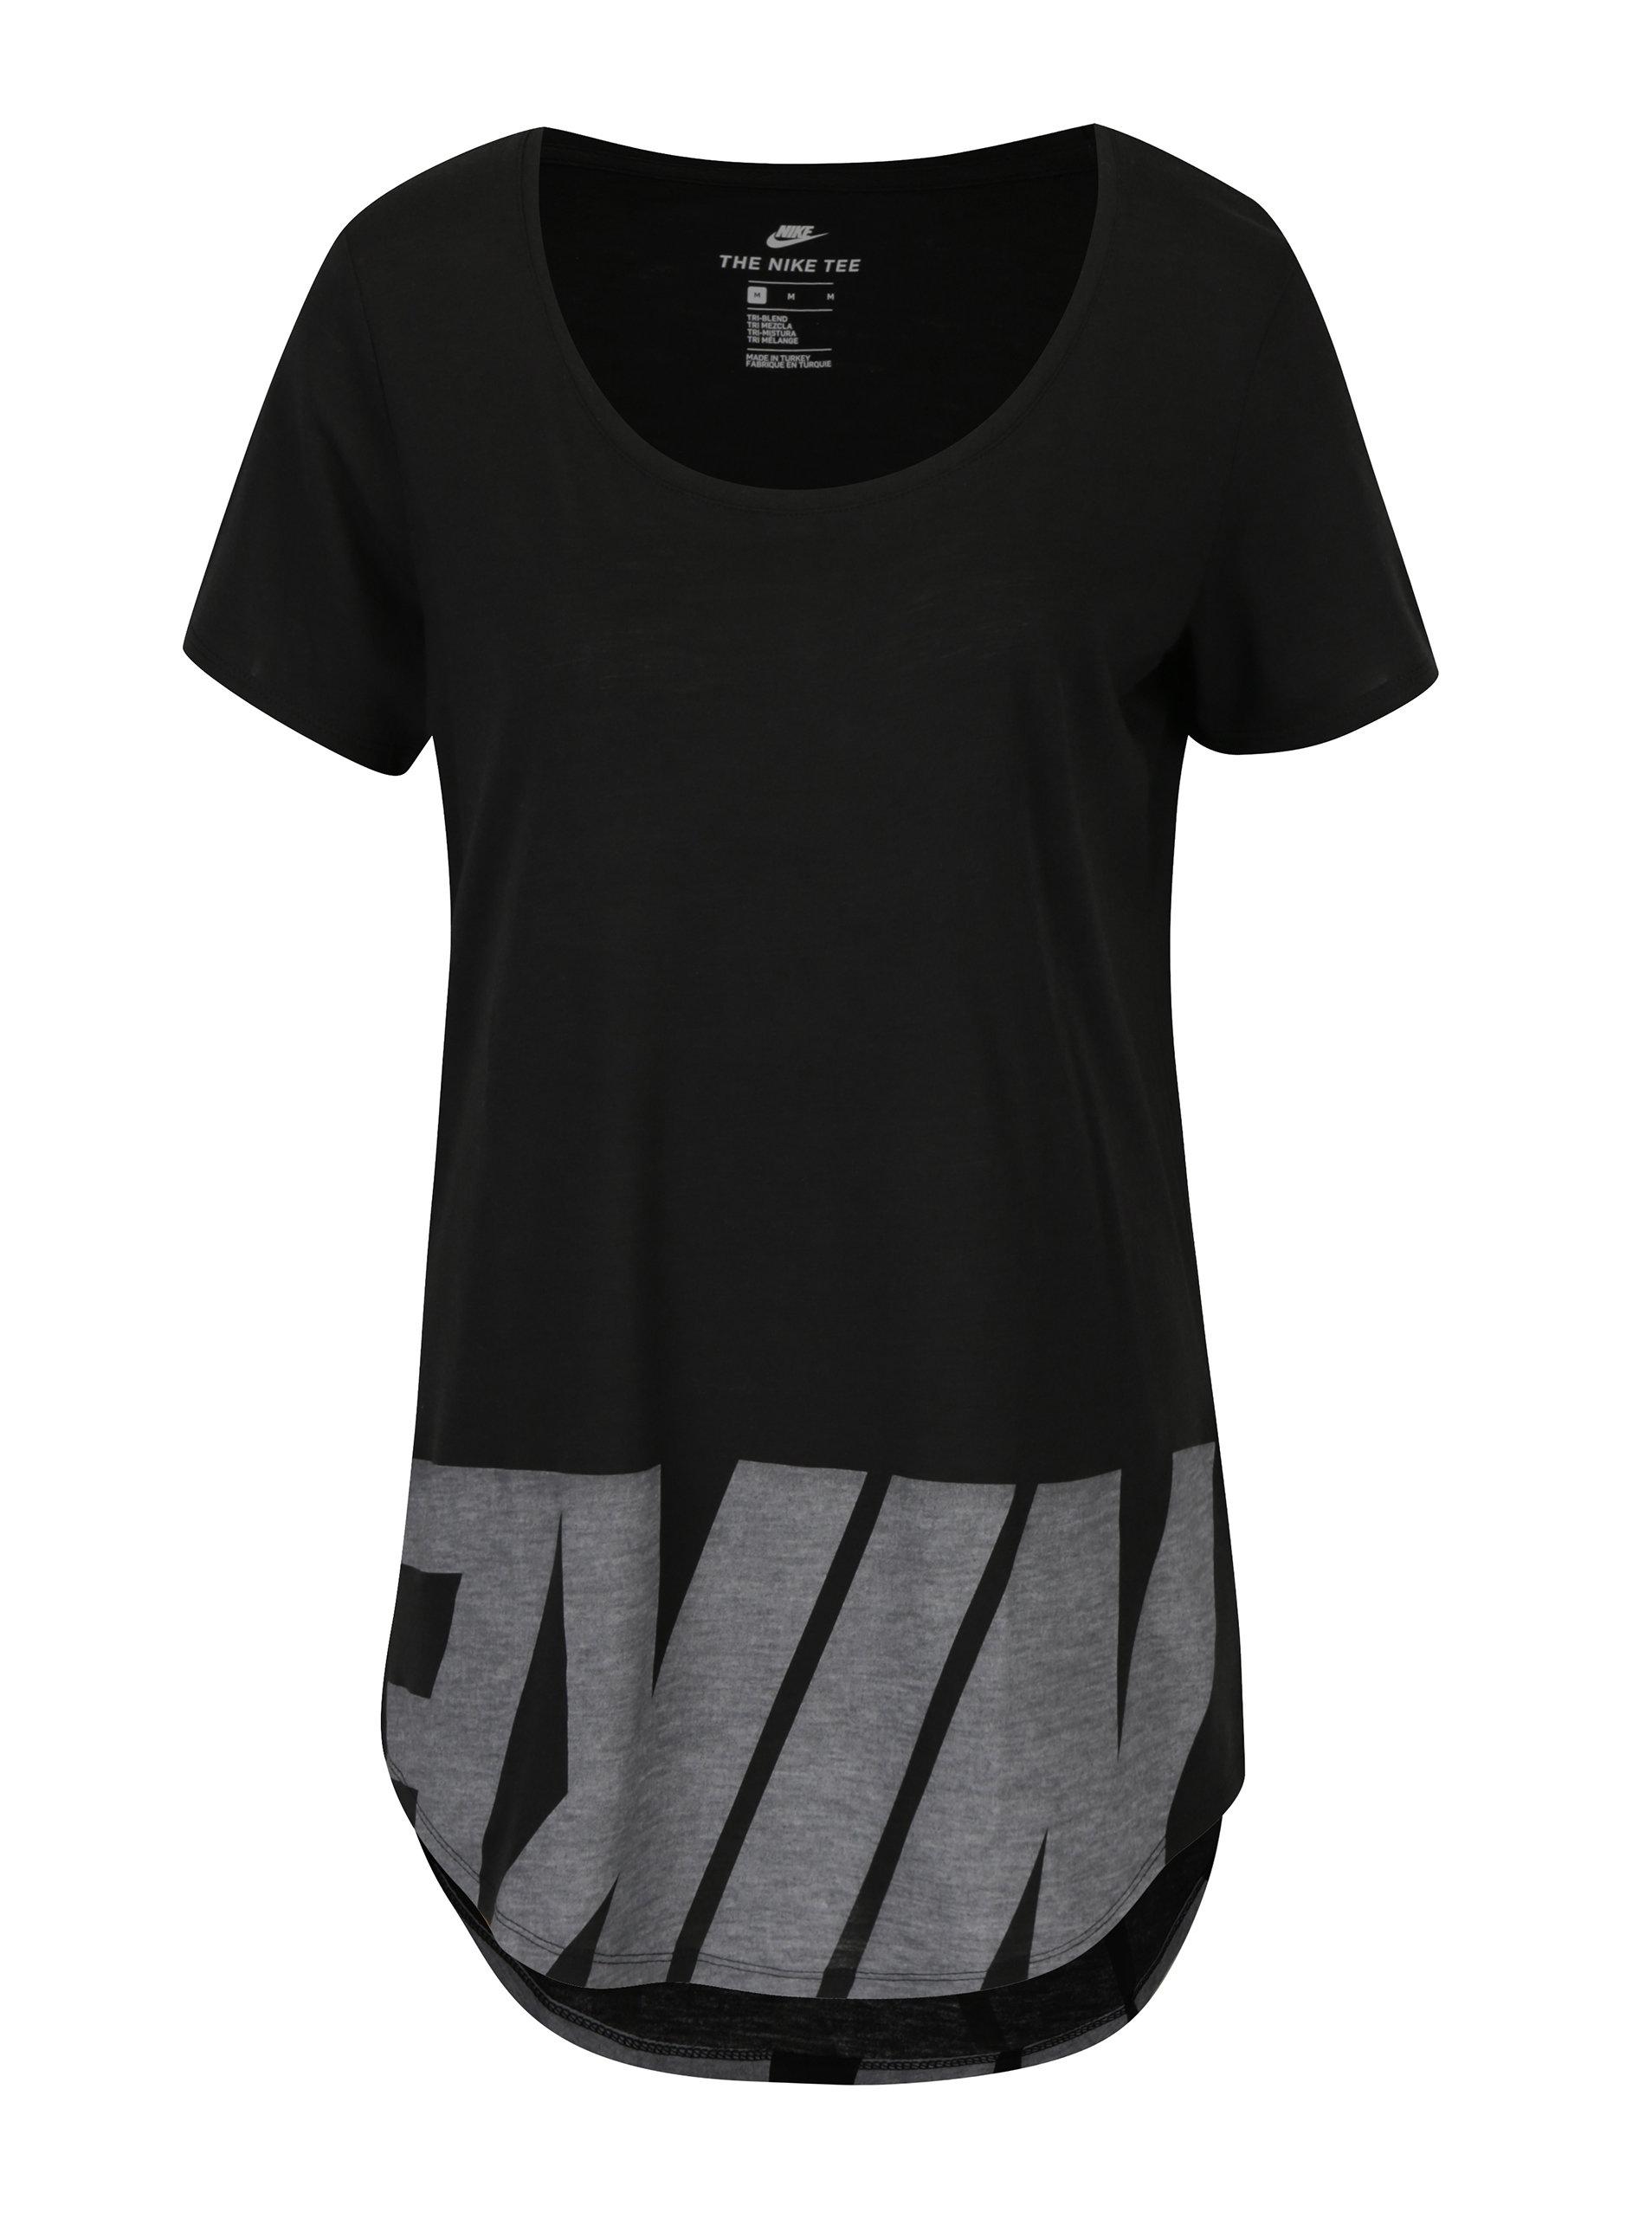 Černé dámské volné tričko s potiskem Nike ... 2b77ca7192